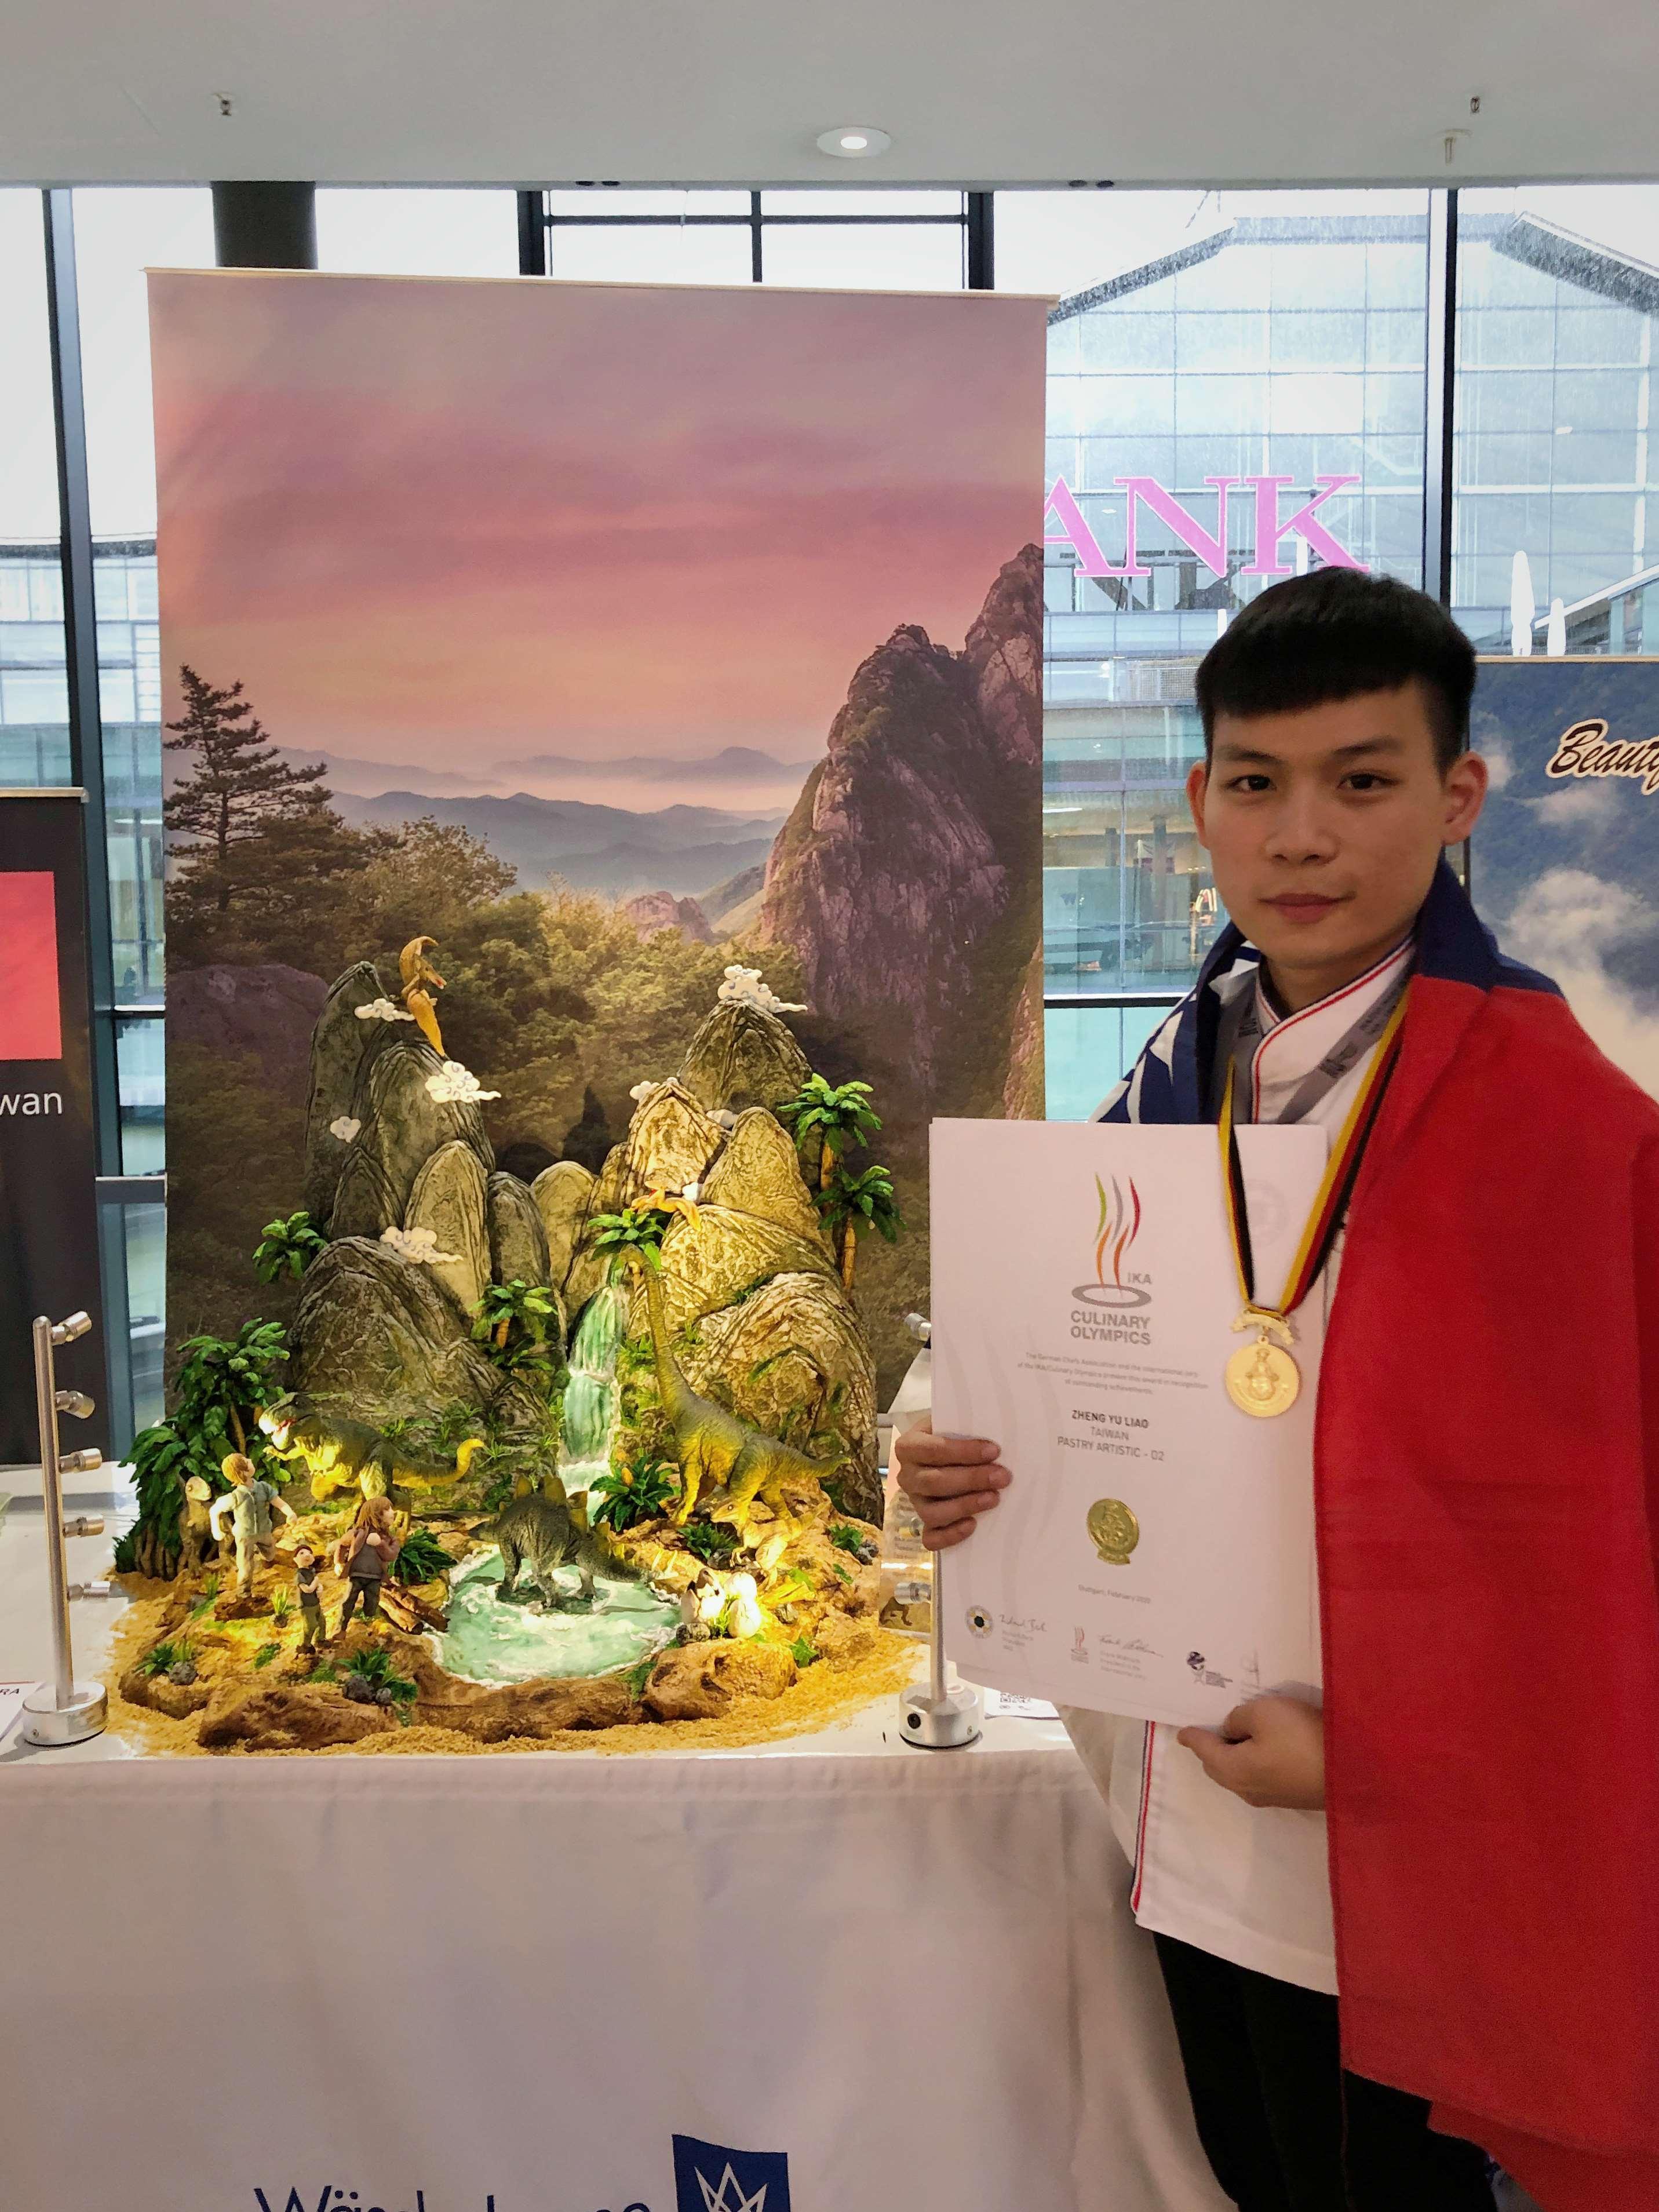 雲林子弟廖正宇 德國奧林匹克廚藝大賽勇奪金牌(圖為廖同學提供)